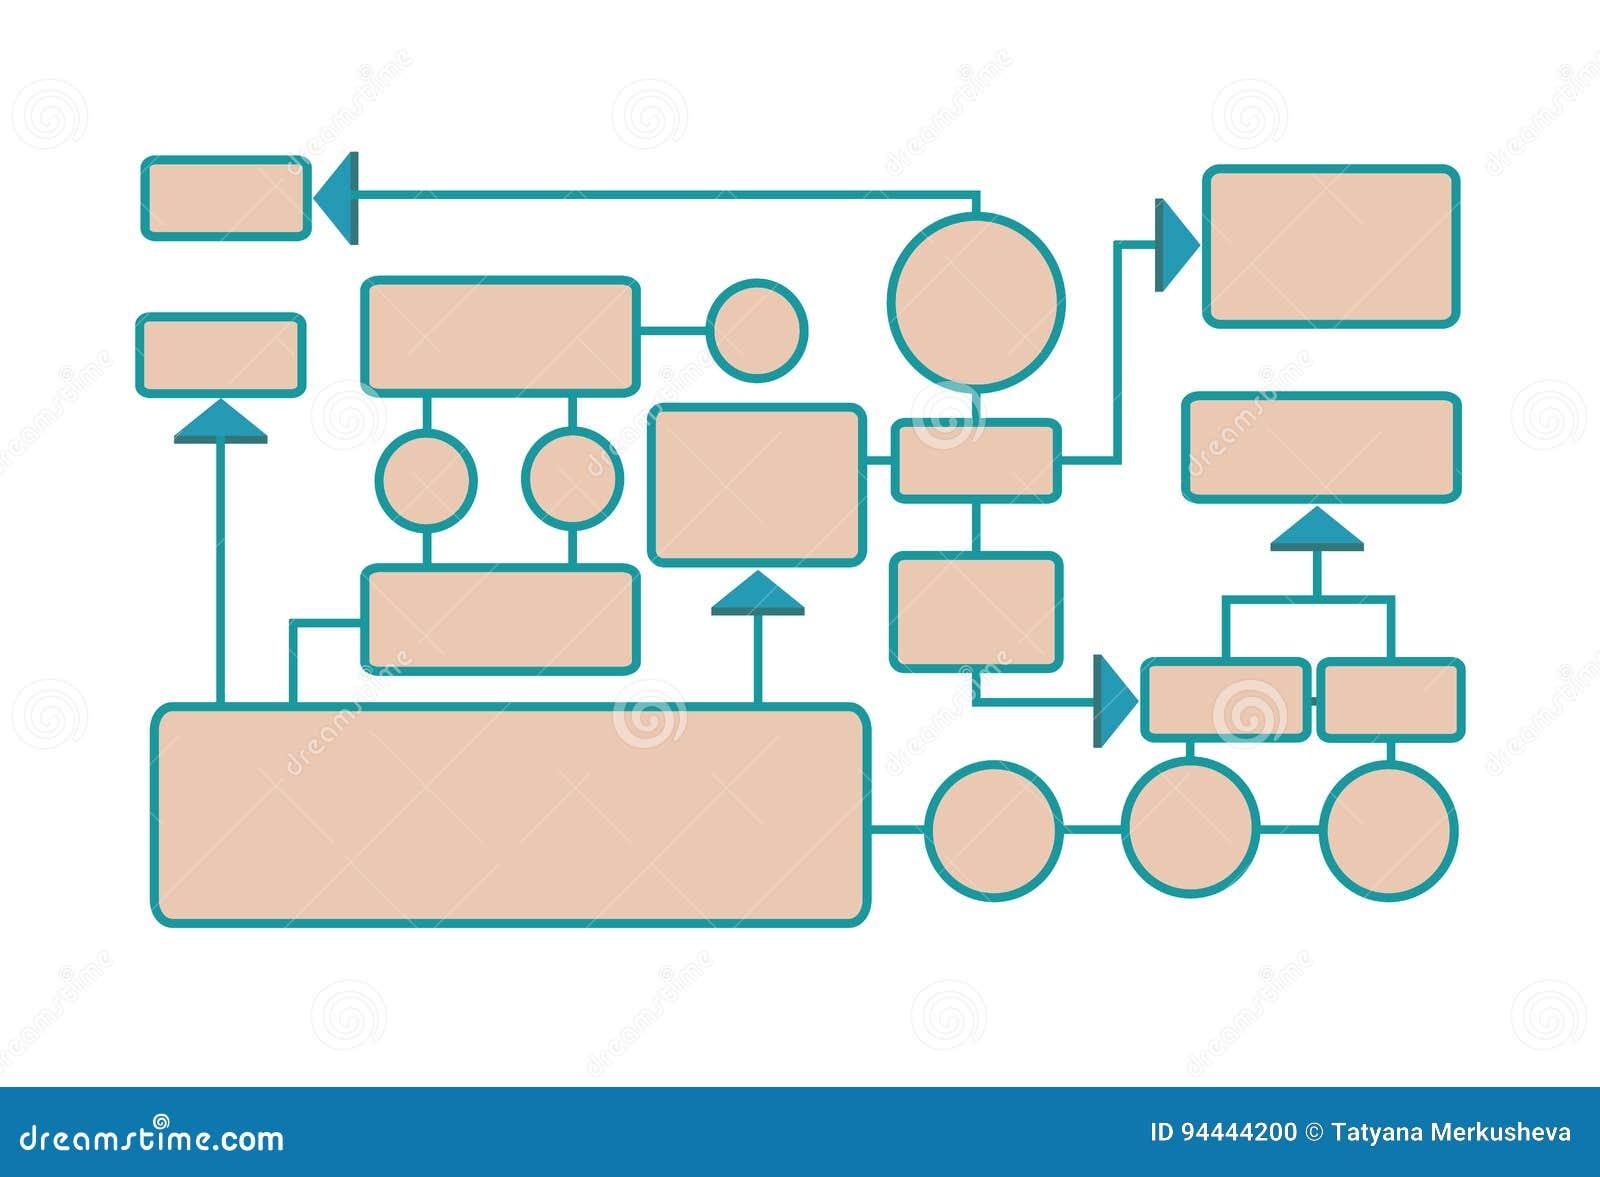 Diagrama dos trabalhos algoritmo de trabalho ou estrutura da download diagrama dos trabalhos algoritmo de trabalho ou estrutura da organizao ilustrao do vetor ccuart Gallery